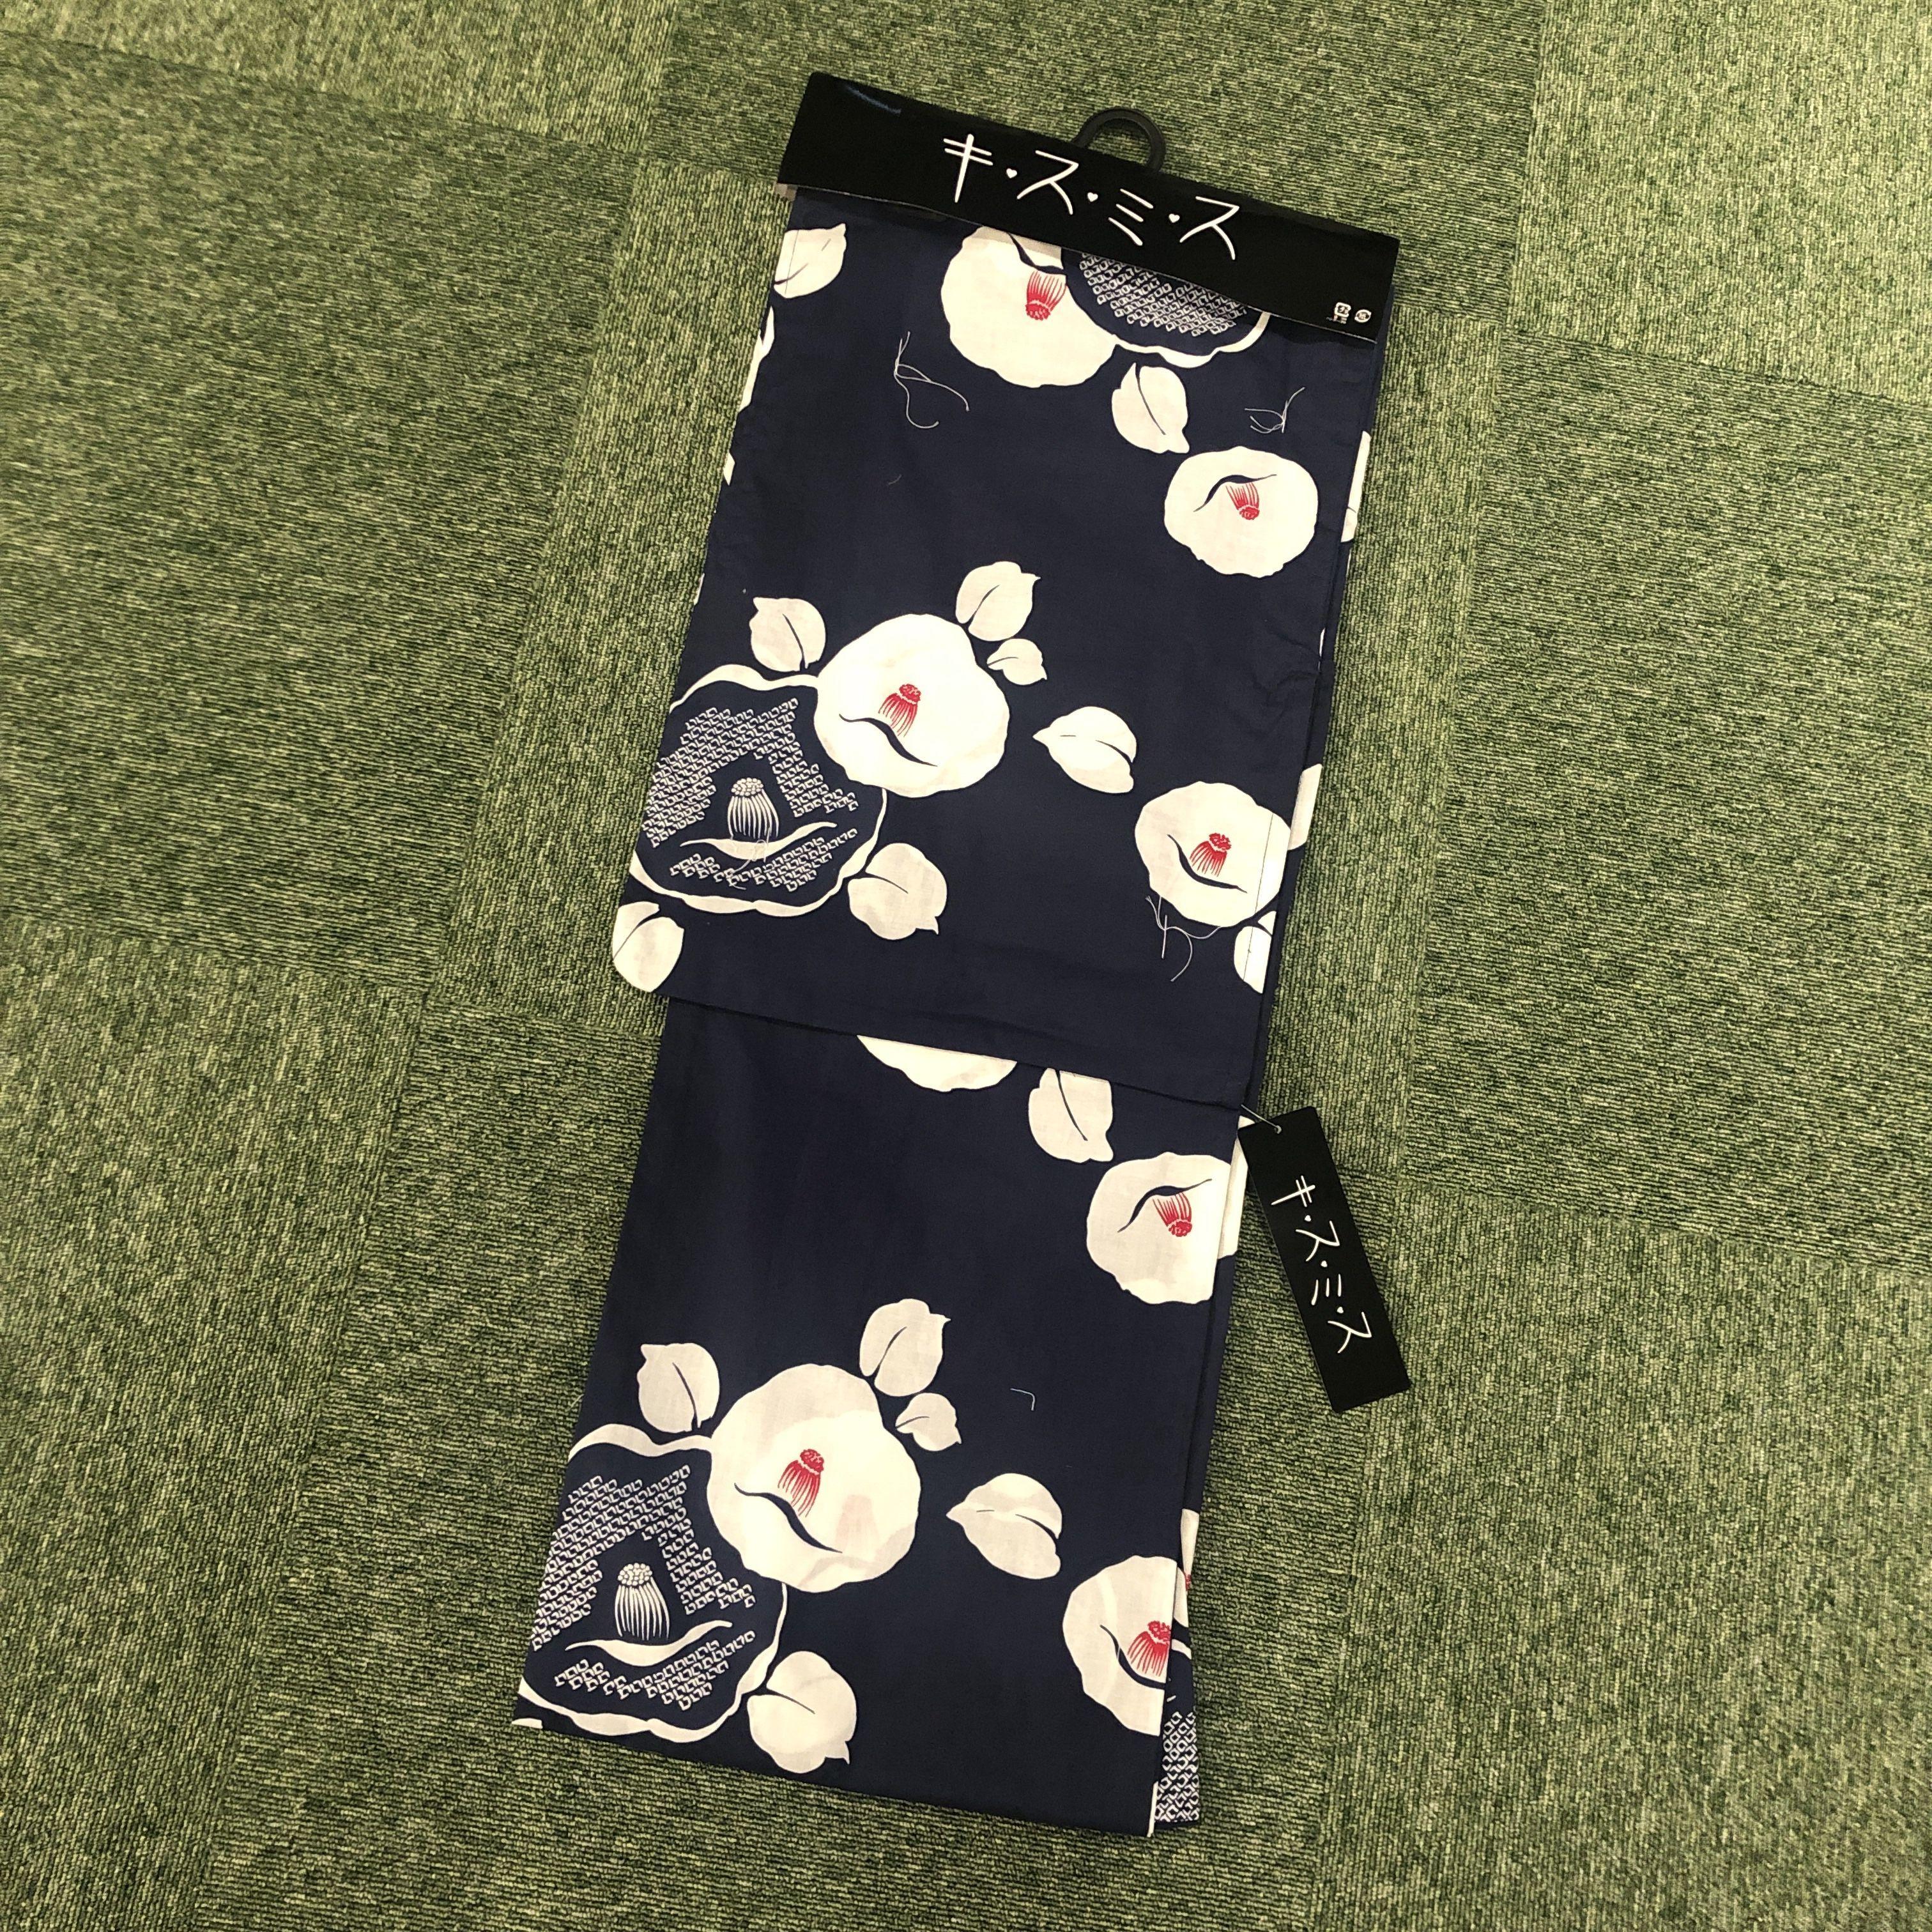 浴衣 レディース 単品 キスミス ブランド <黒> Yukata